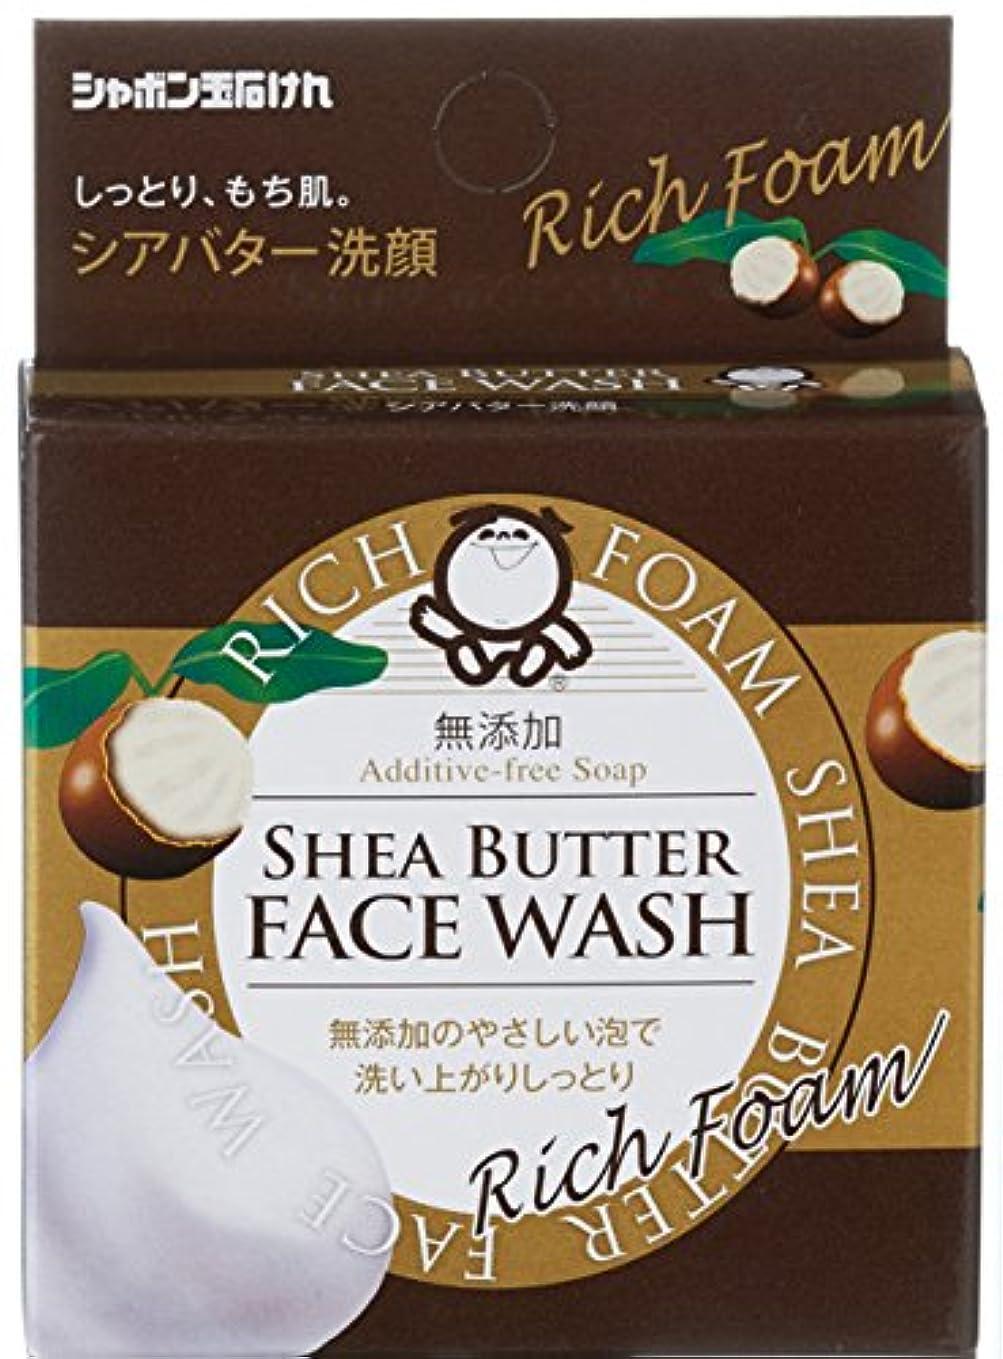 太鼓腹ピカリングテクスチャーシャボン玉 シアバター洗顔 60g